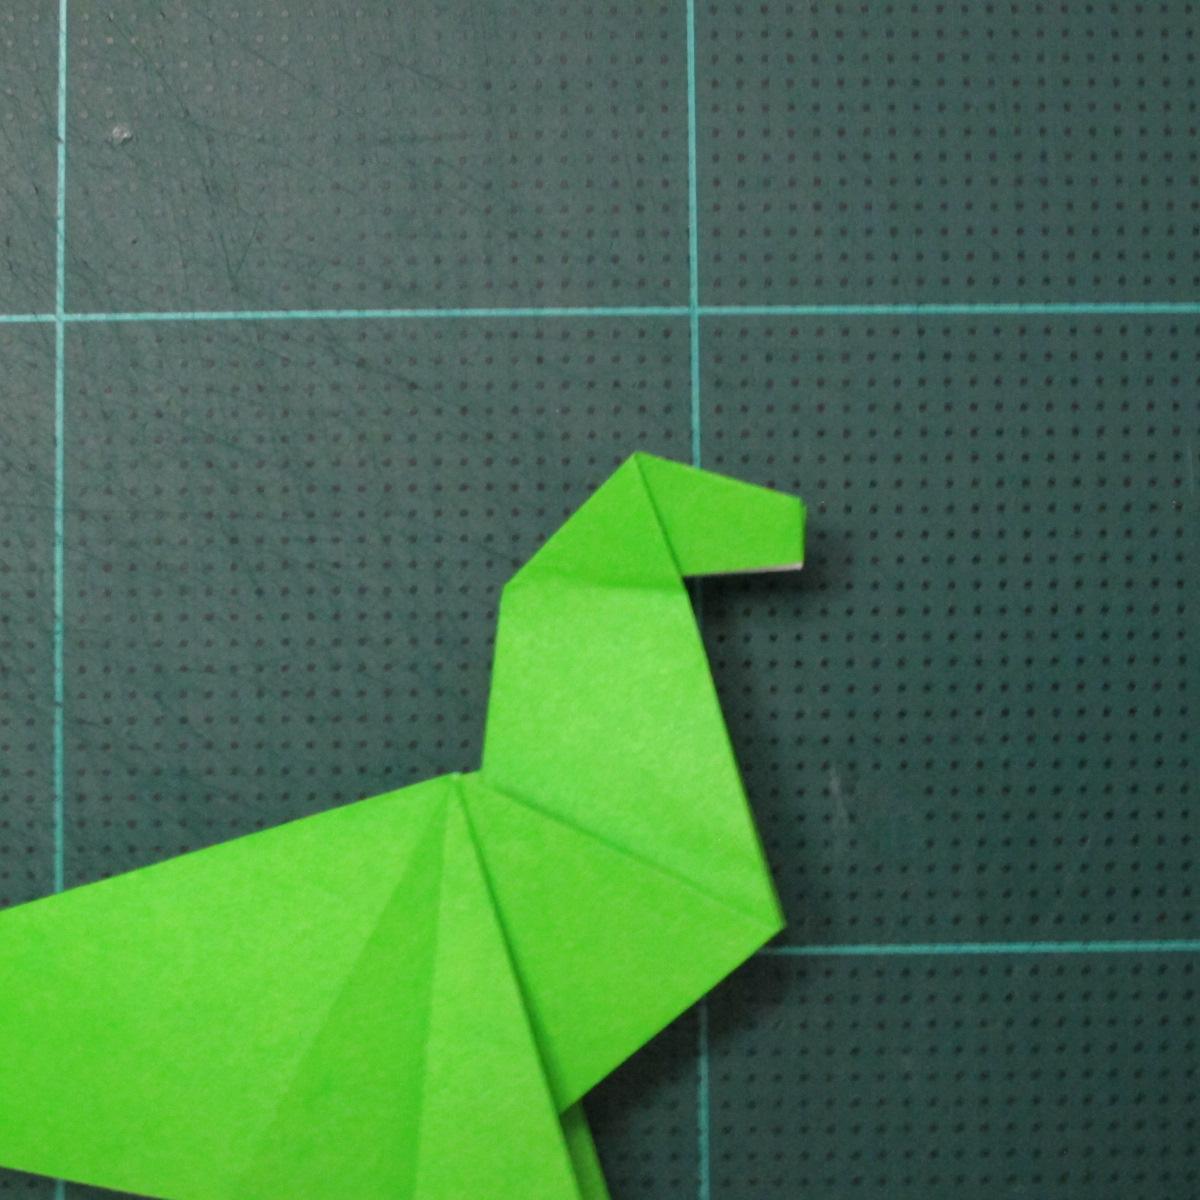 การพับกระดาษเป็นรูปแมวน้ำ (Origami Seal) 011